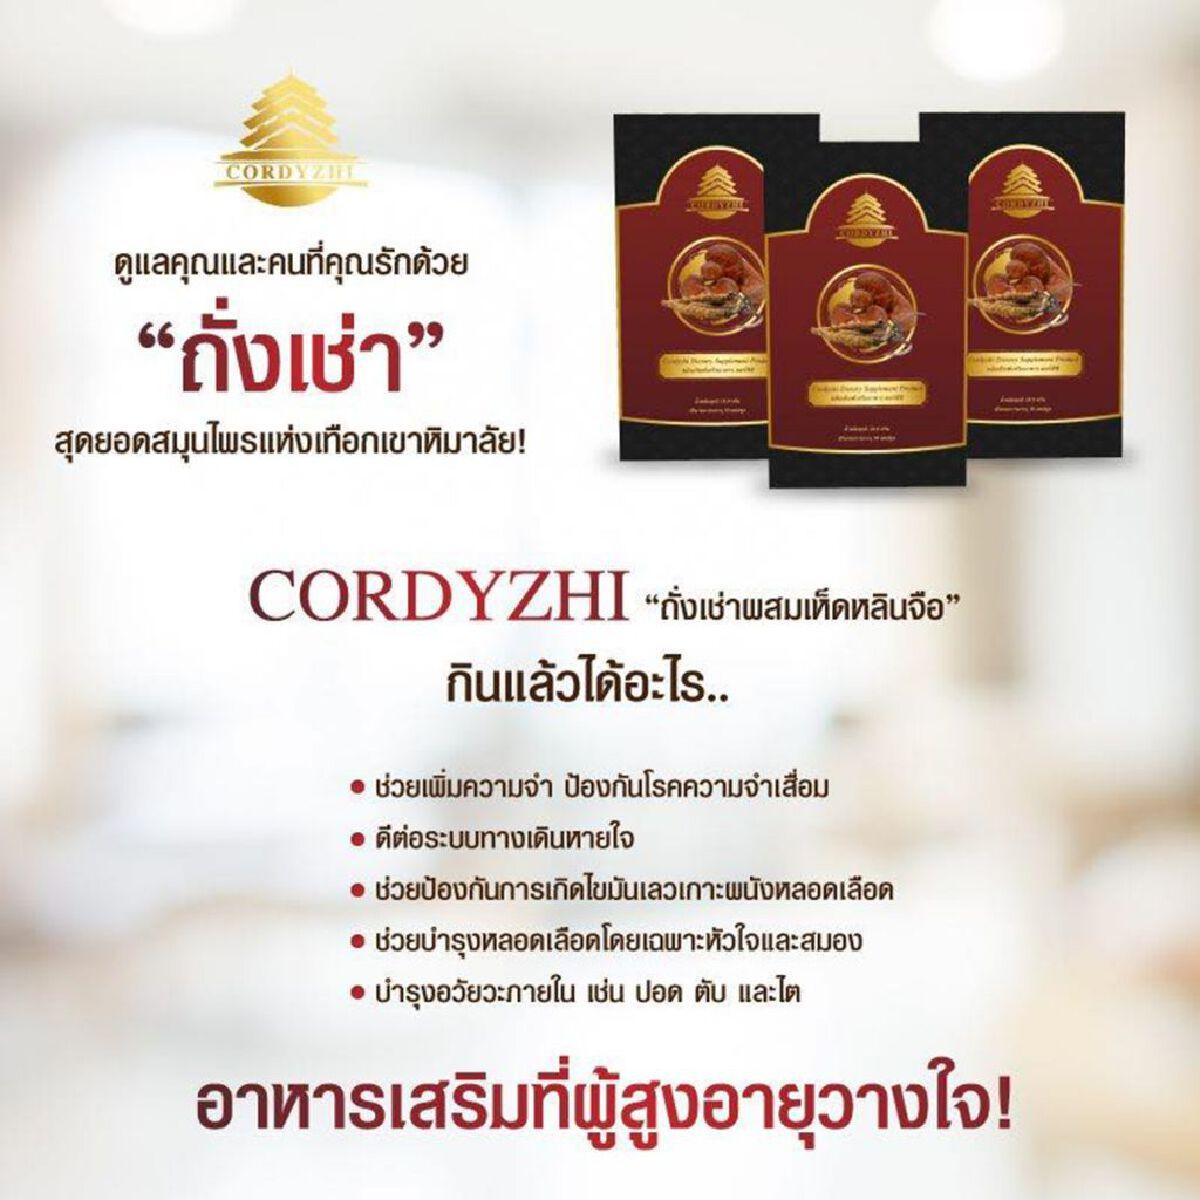 รายชื่อสมุนไพรไทย บำรุงไต หัวใจ ลดไขมัน สุขภาพดีมีได้ทุกวัน